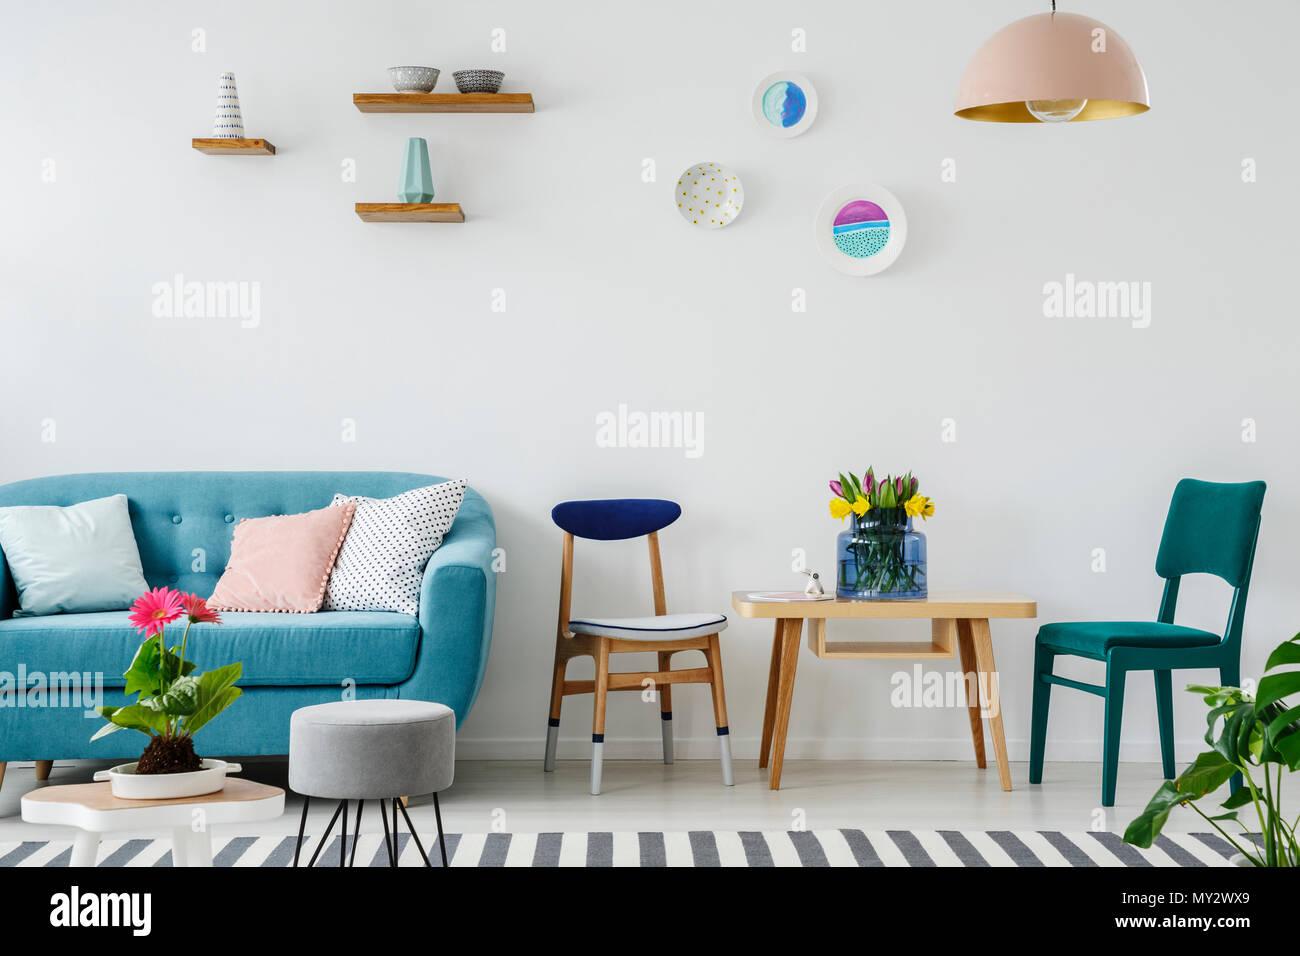 Blaue Couch Neben Einem Hölzernen Stuhl Am Tisch Mit Blumen Im